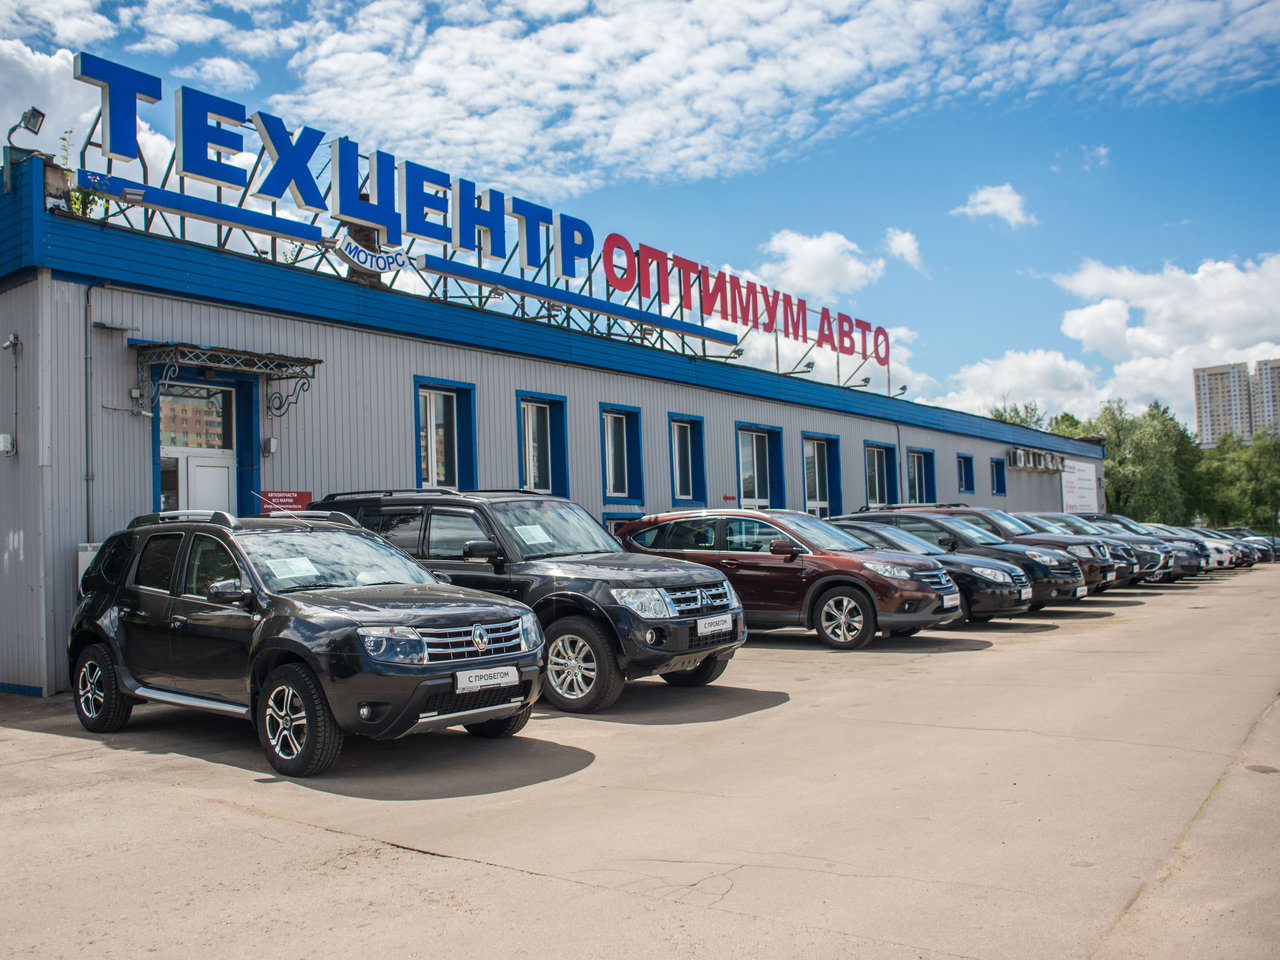 Бу автомобили в автосалонах в москве автоломбард ростов на малиновского